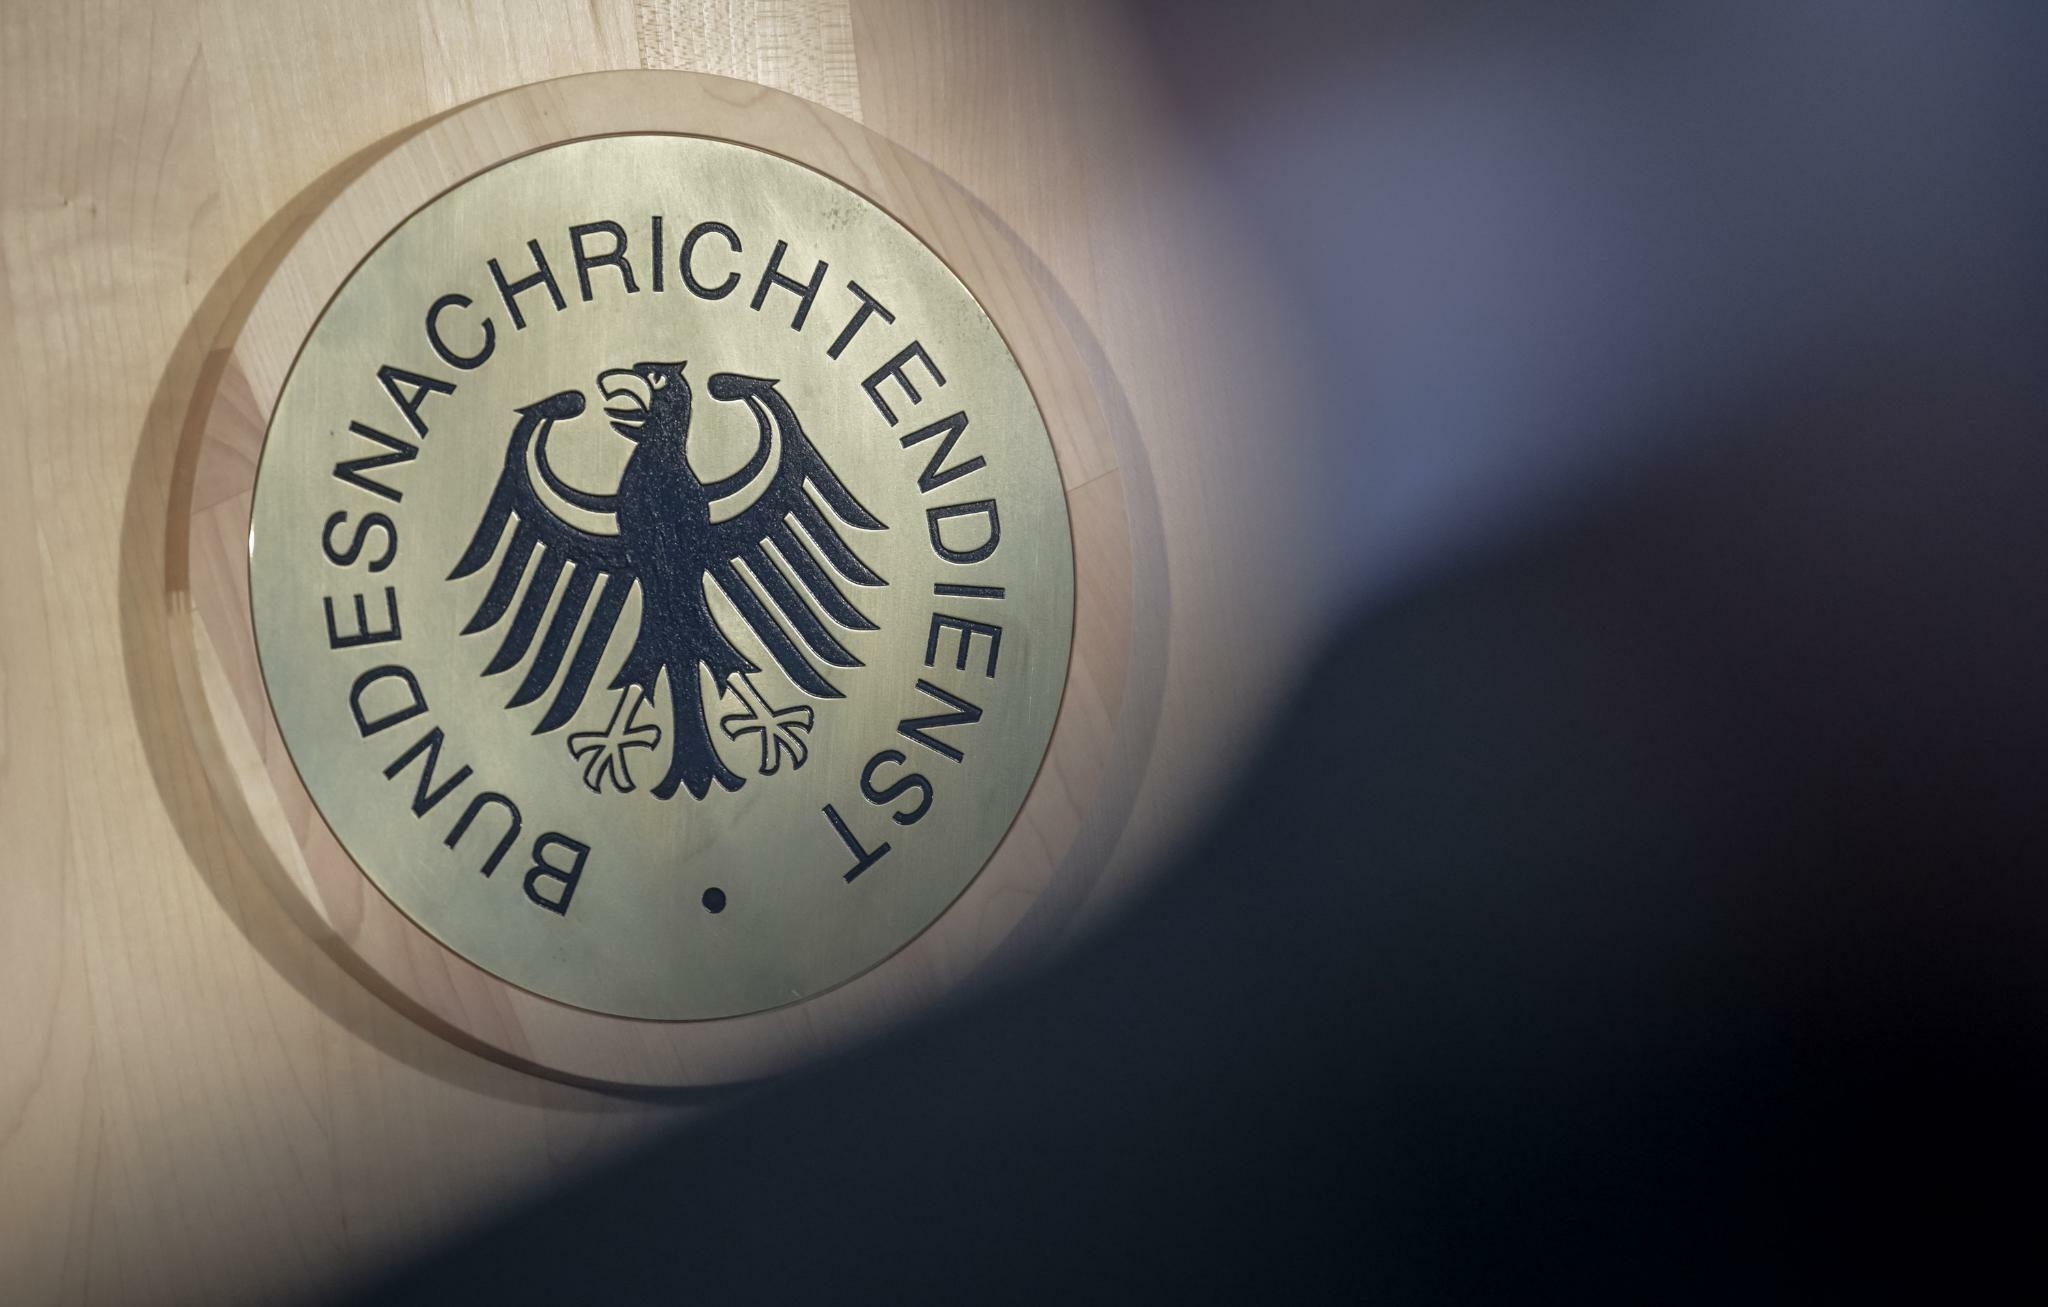 B??rger im Visier - ??berwachung in Deutschland